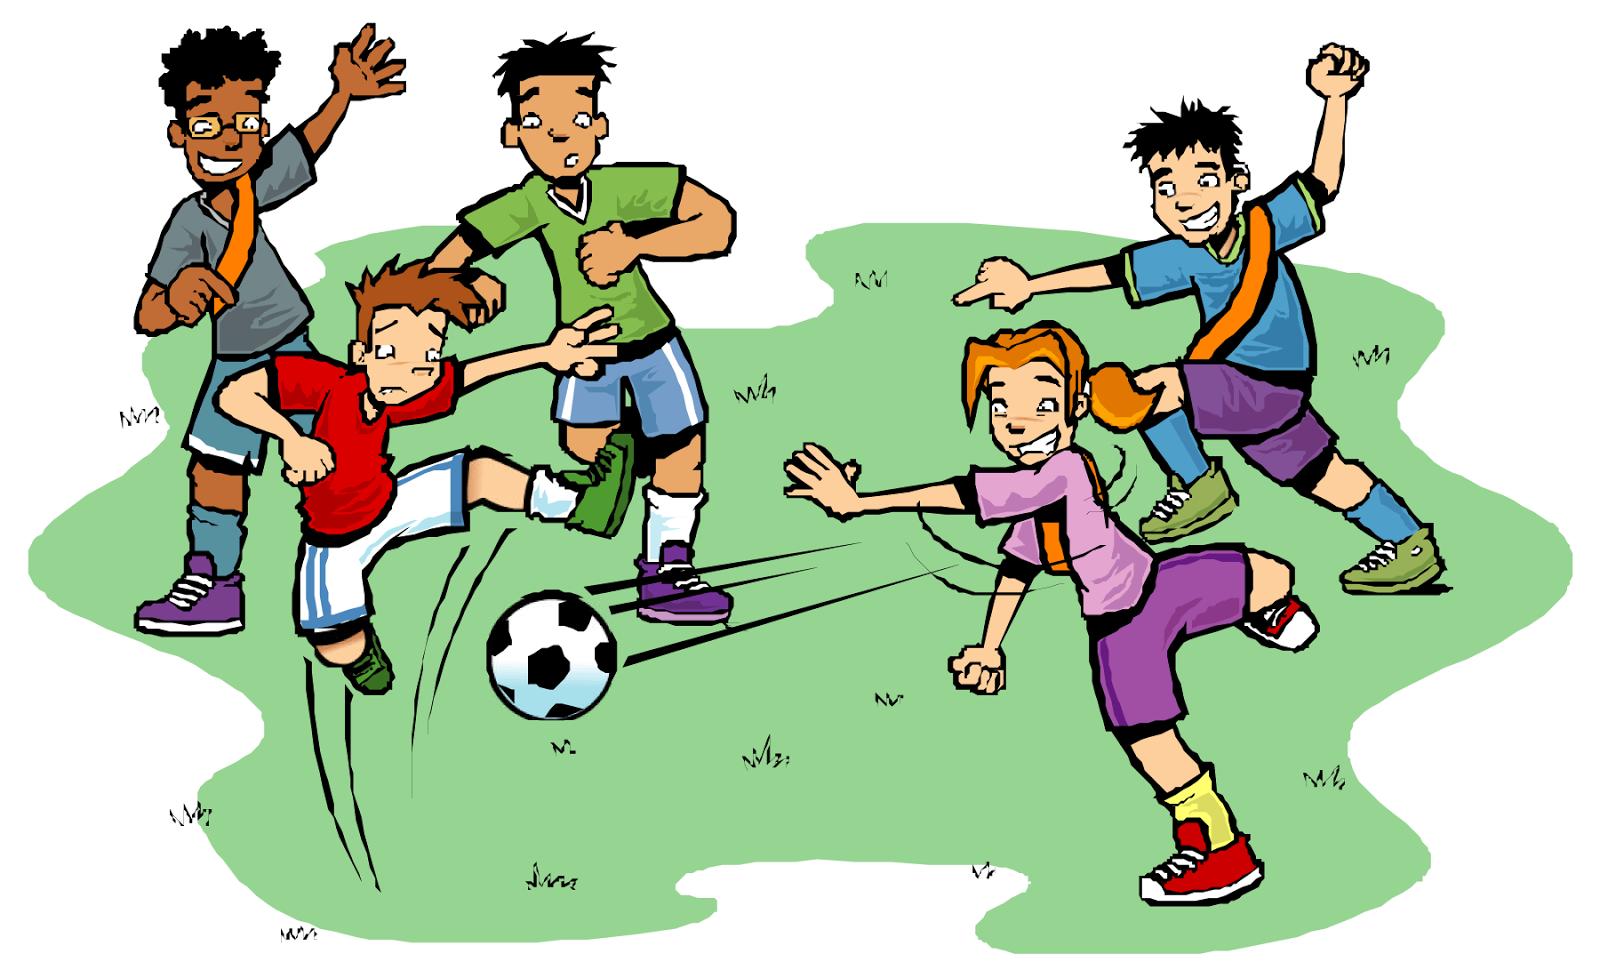 Kumpulan Gambar Kartun Orang Bermain Sepak Bola Terbaru Kolek Gambar